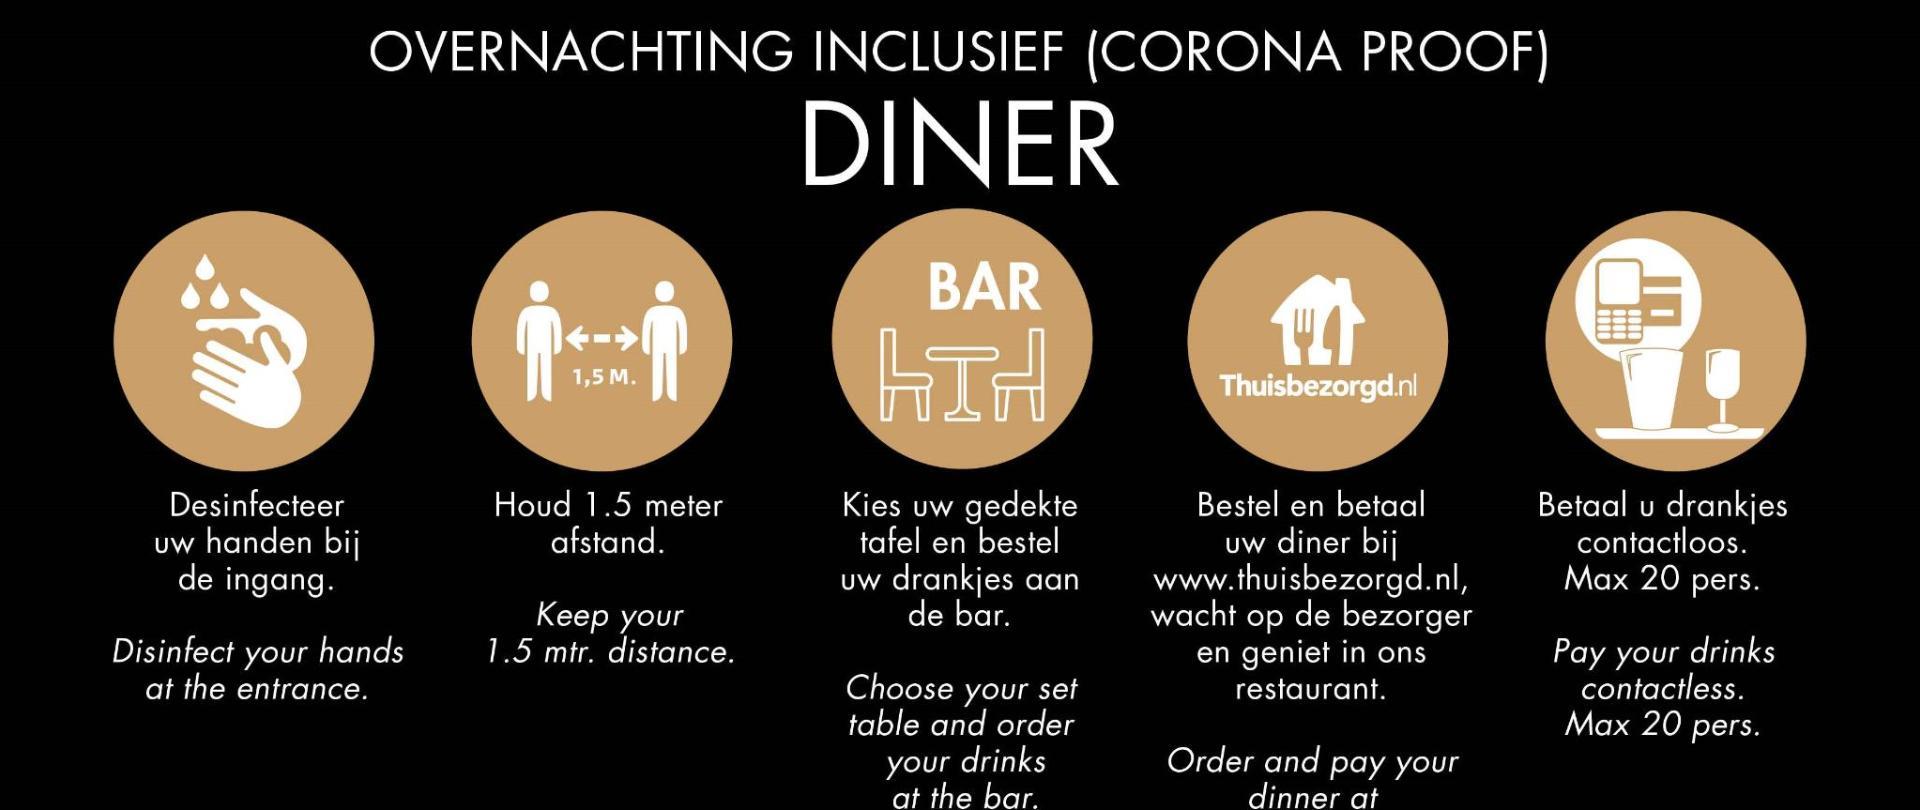 Corona maatregelen_zwart diner.jpg